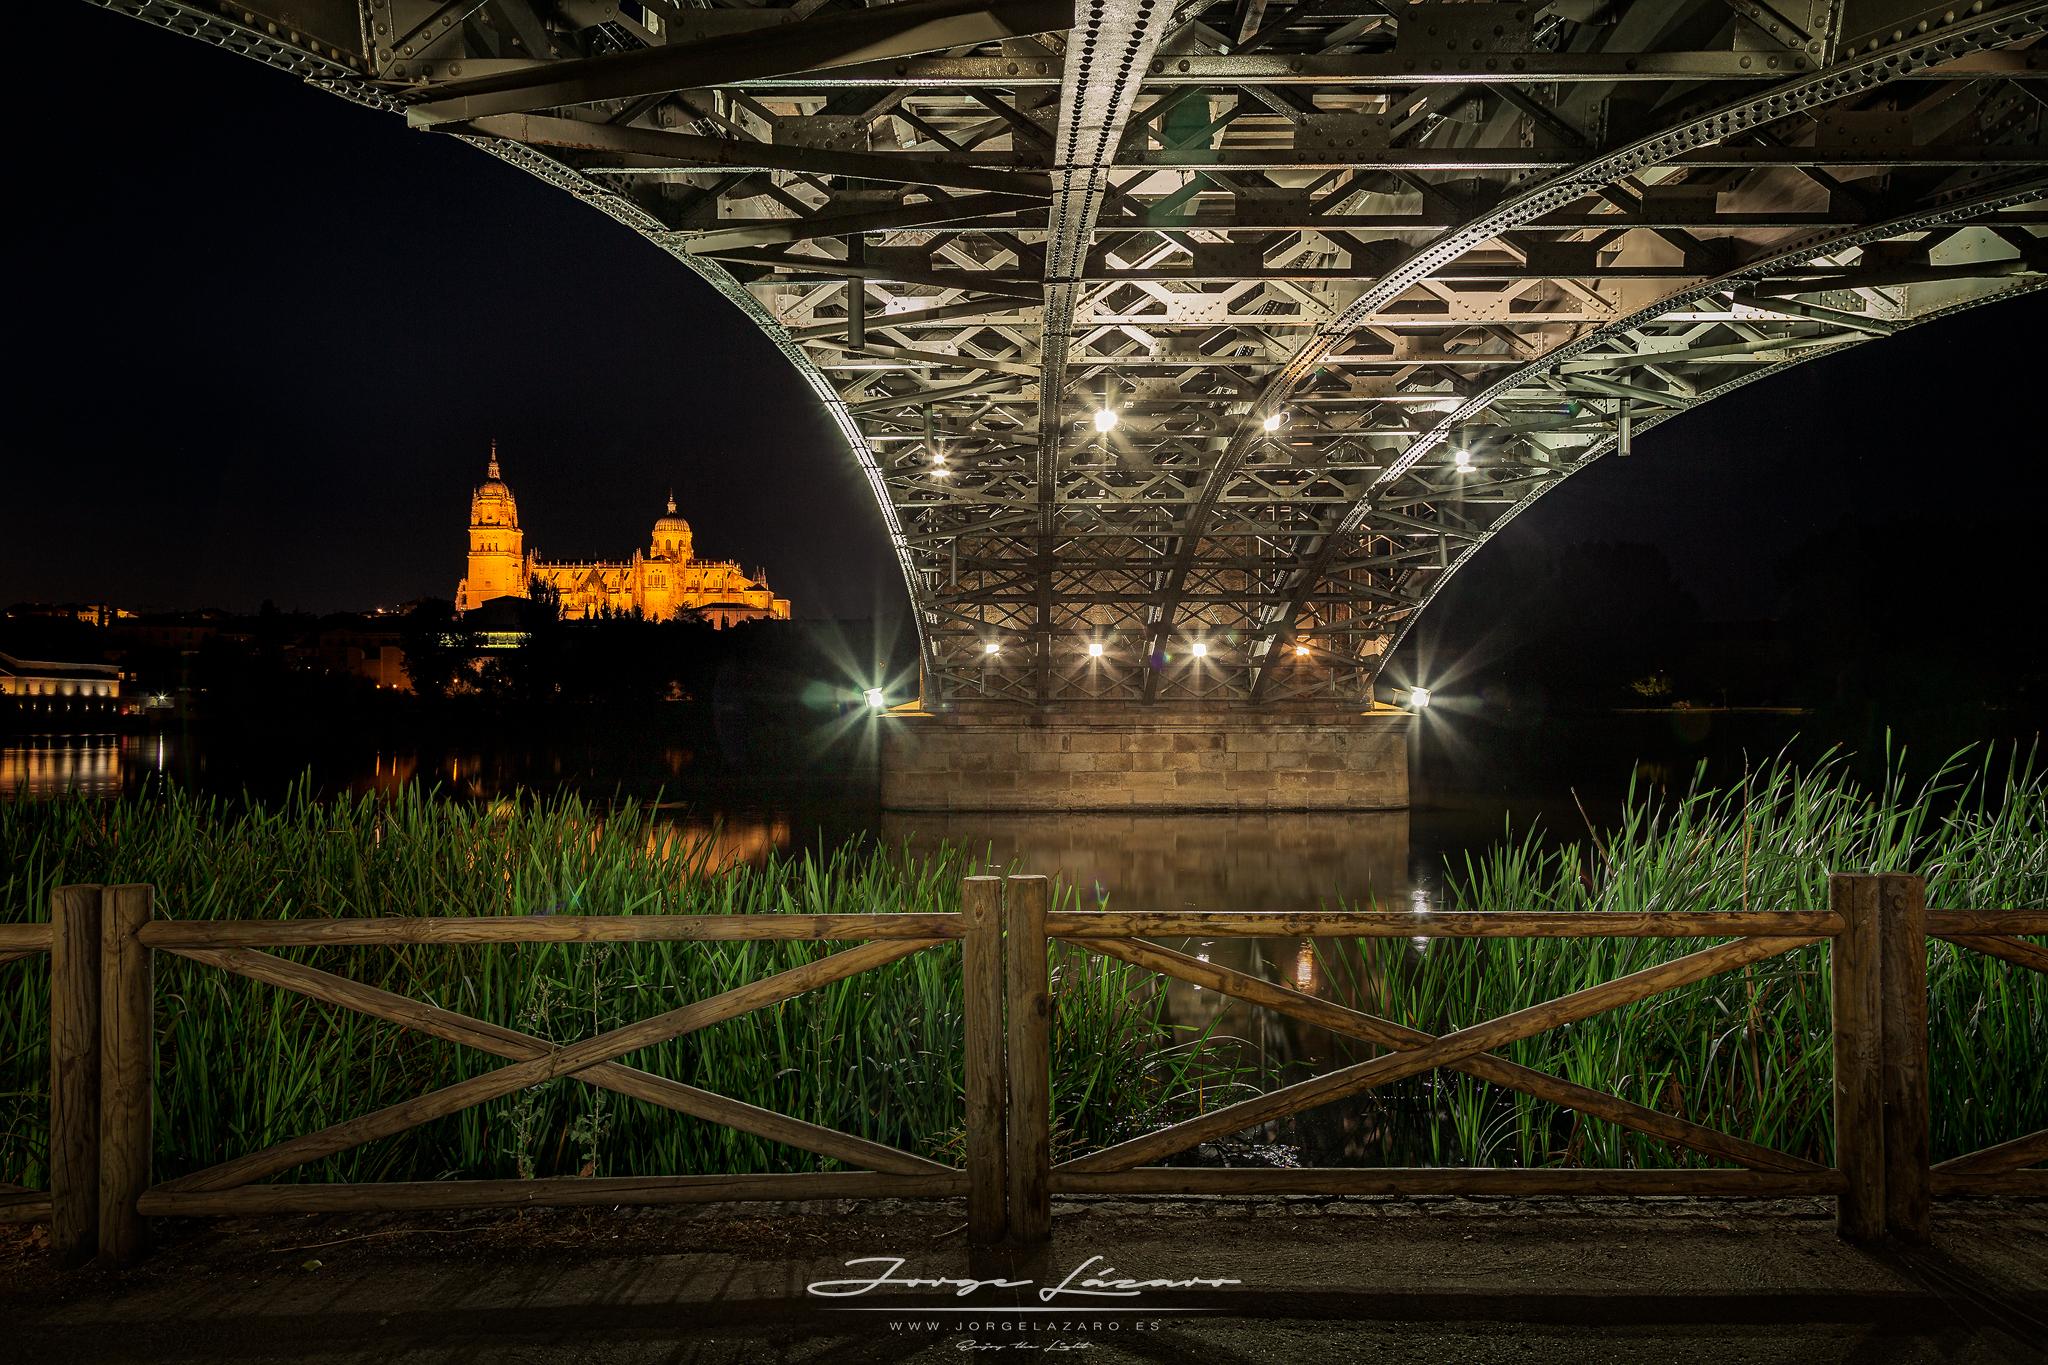 Bajo el puente Enrique Estevan - Salamanca